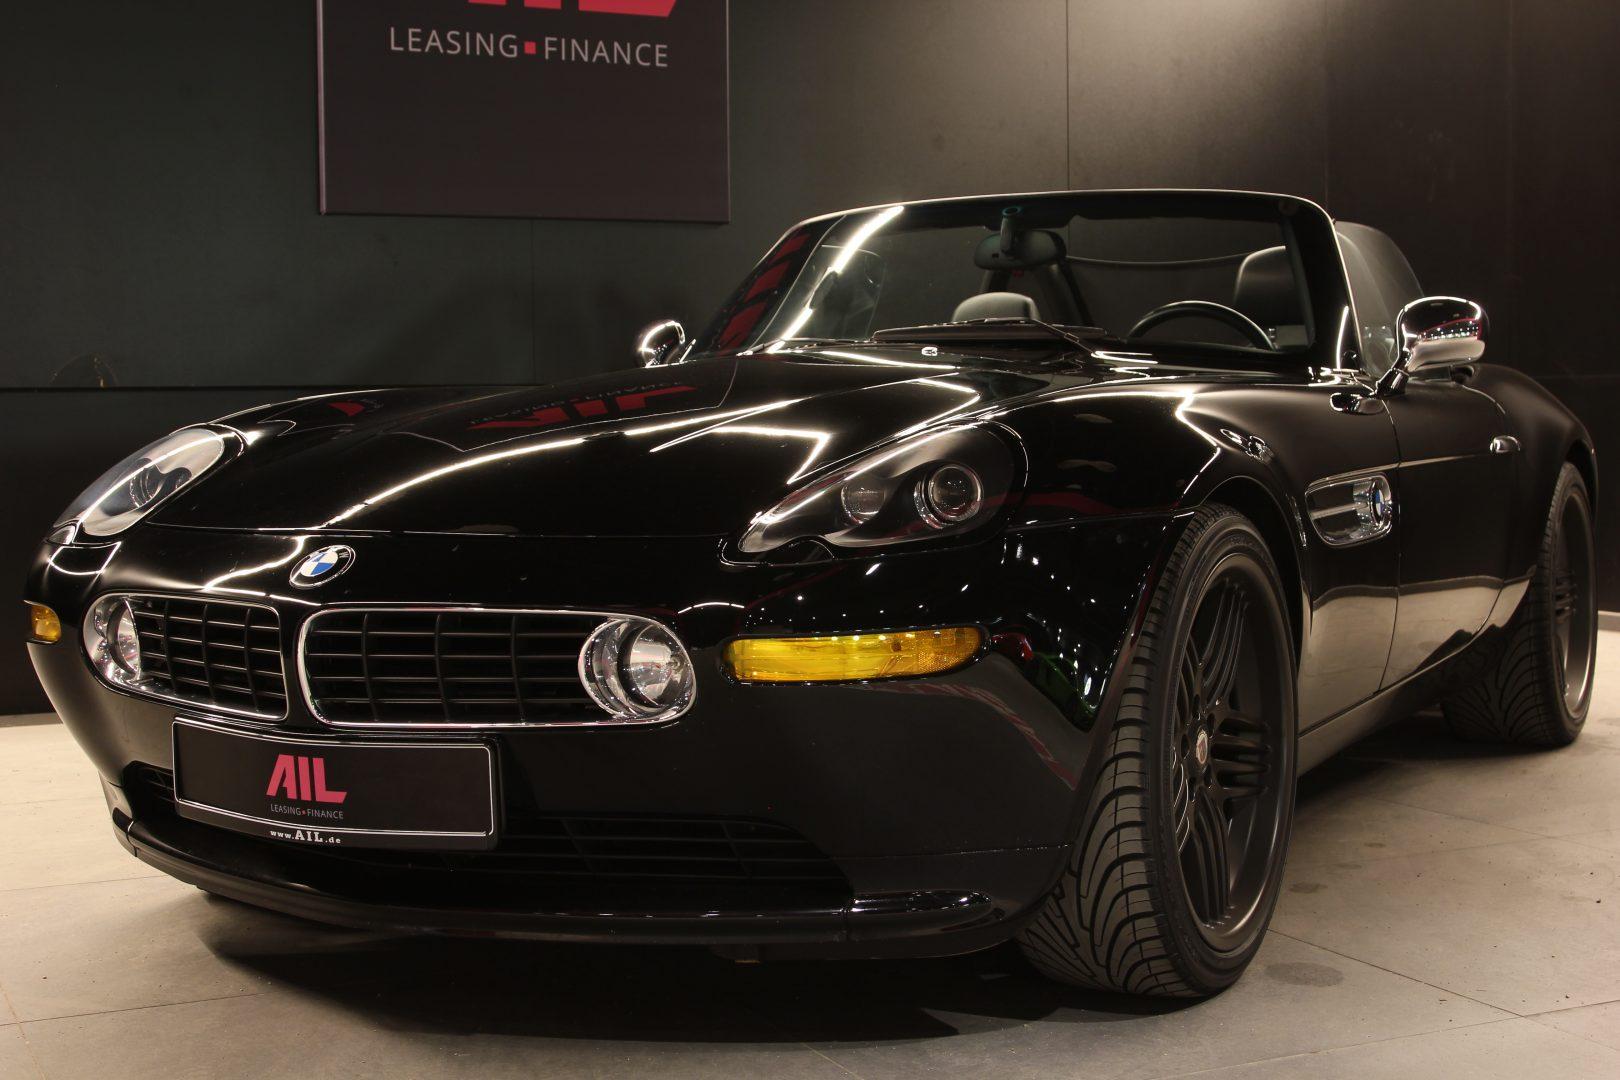 AIL BMW Z8 Performance Paket 5.0 V8 5